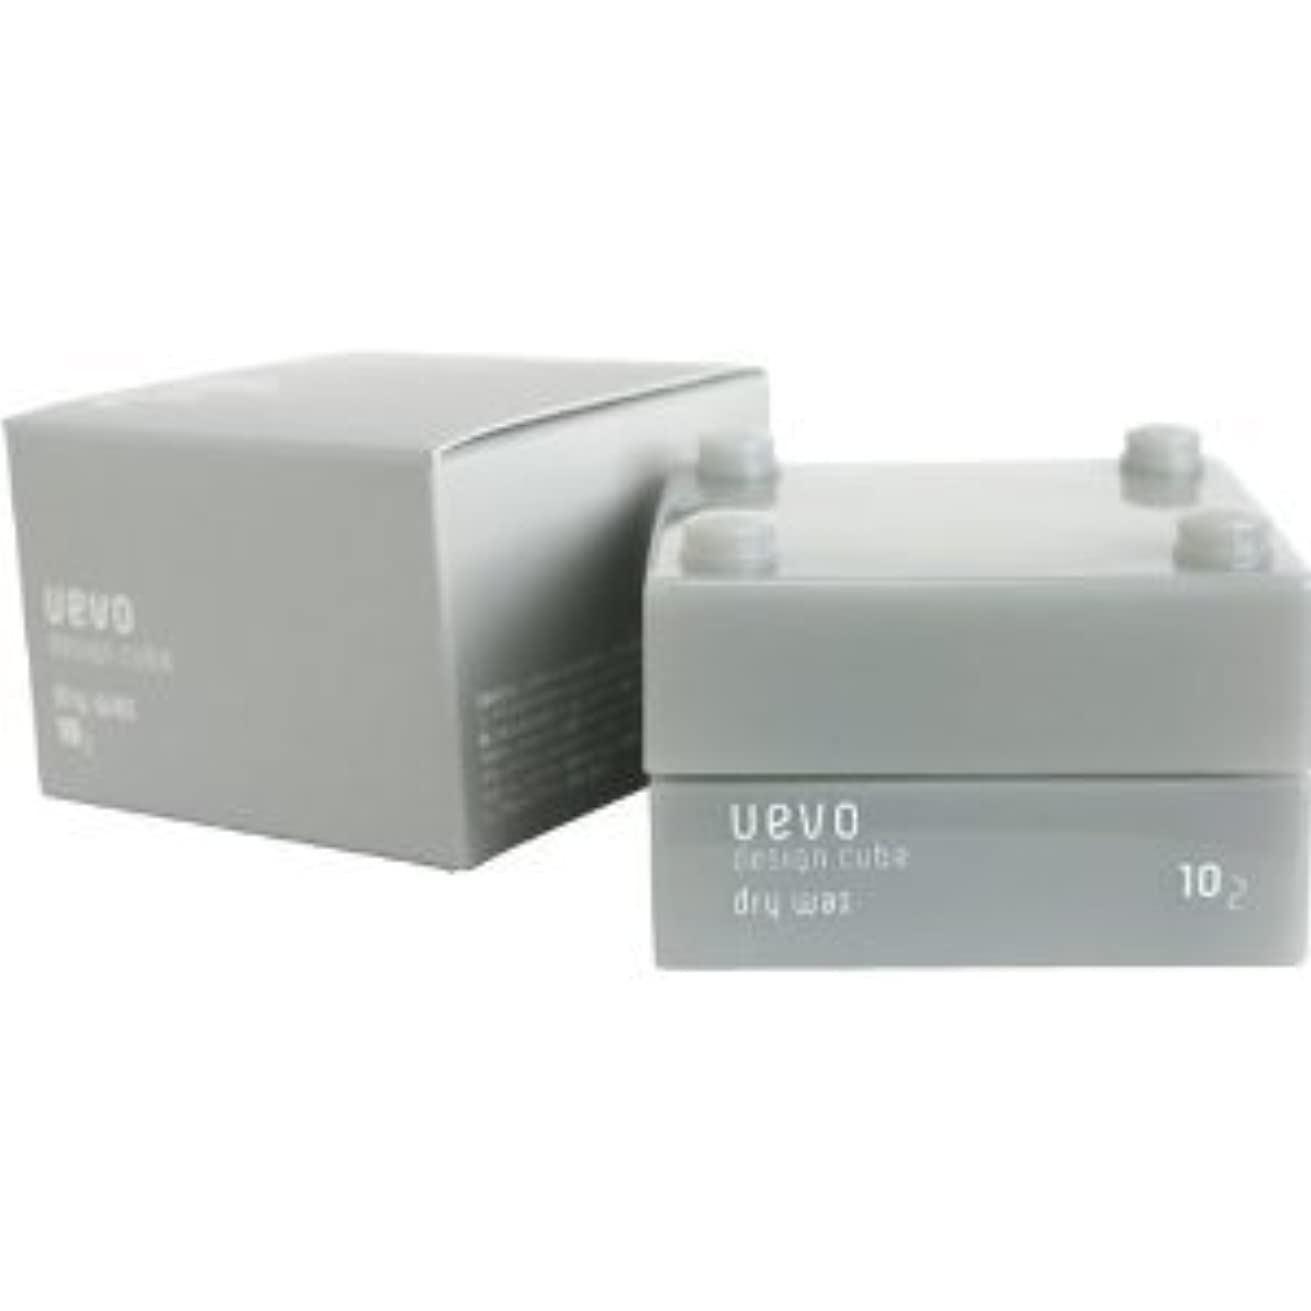 折る整理する太鼓腹【X2個セット】 デミ ウェーボ デザインキューブ ドライワックス 30g dry wax DEMI uevo design cube